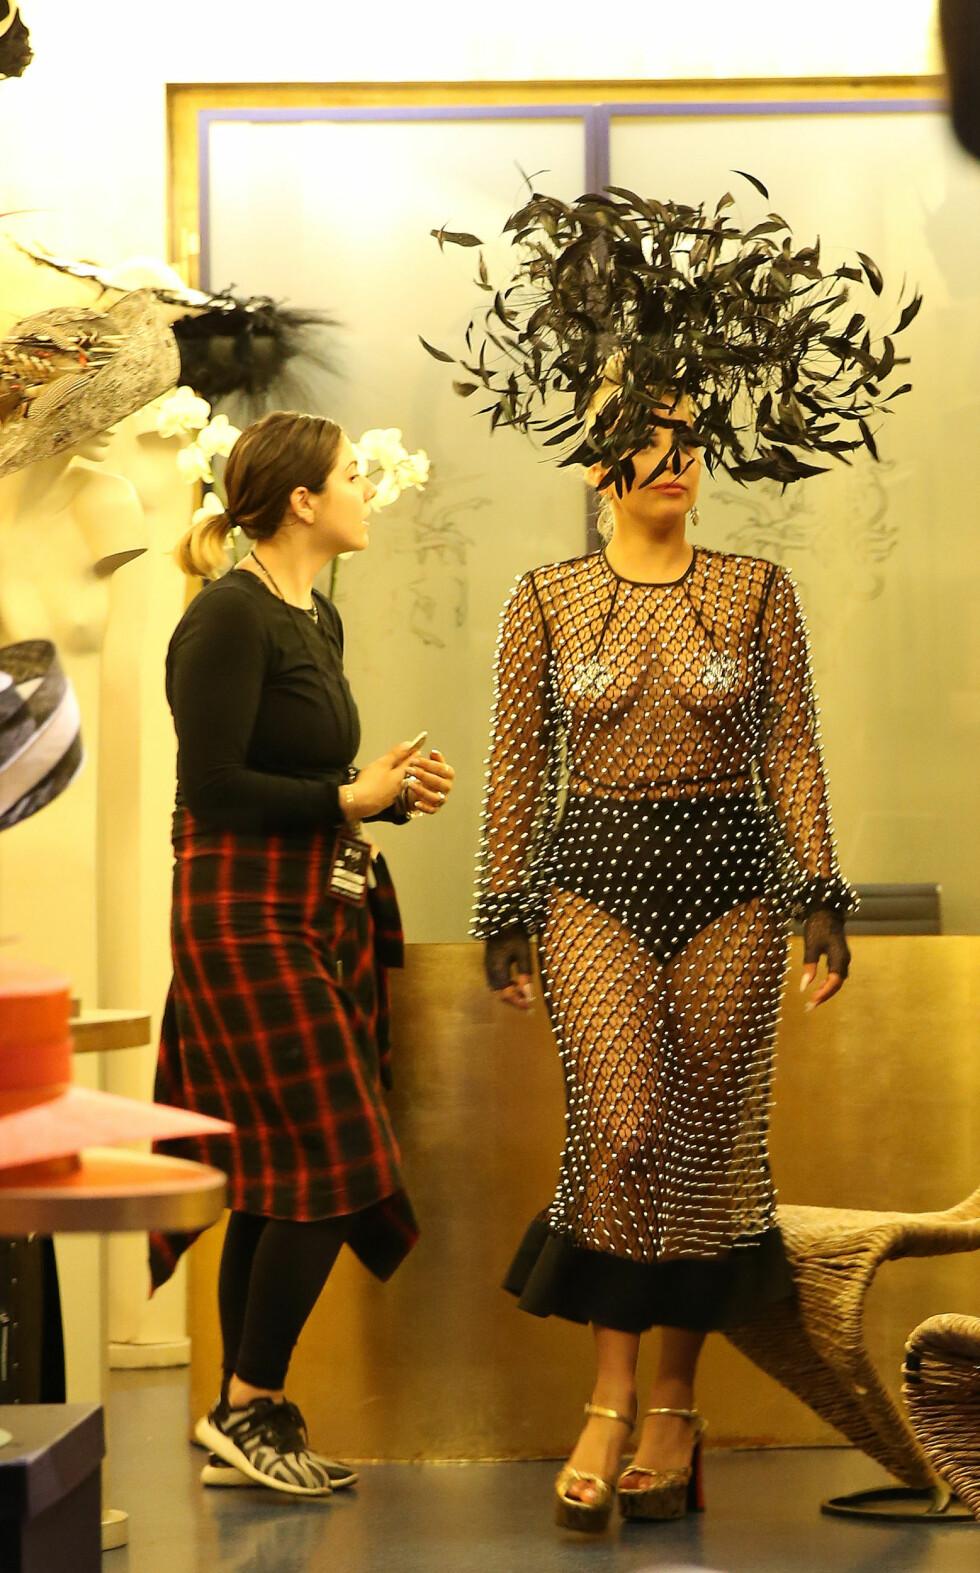 PÅ SHOPPING: Lady Gaga er ikke redd for å gå for alternative antrekk, og dukket opp i dette da hun var på shopping i storbymetropolen London i fjor. Foto: NTB Scanpix